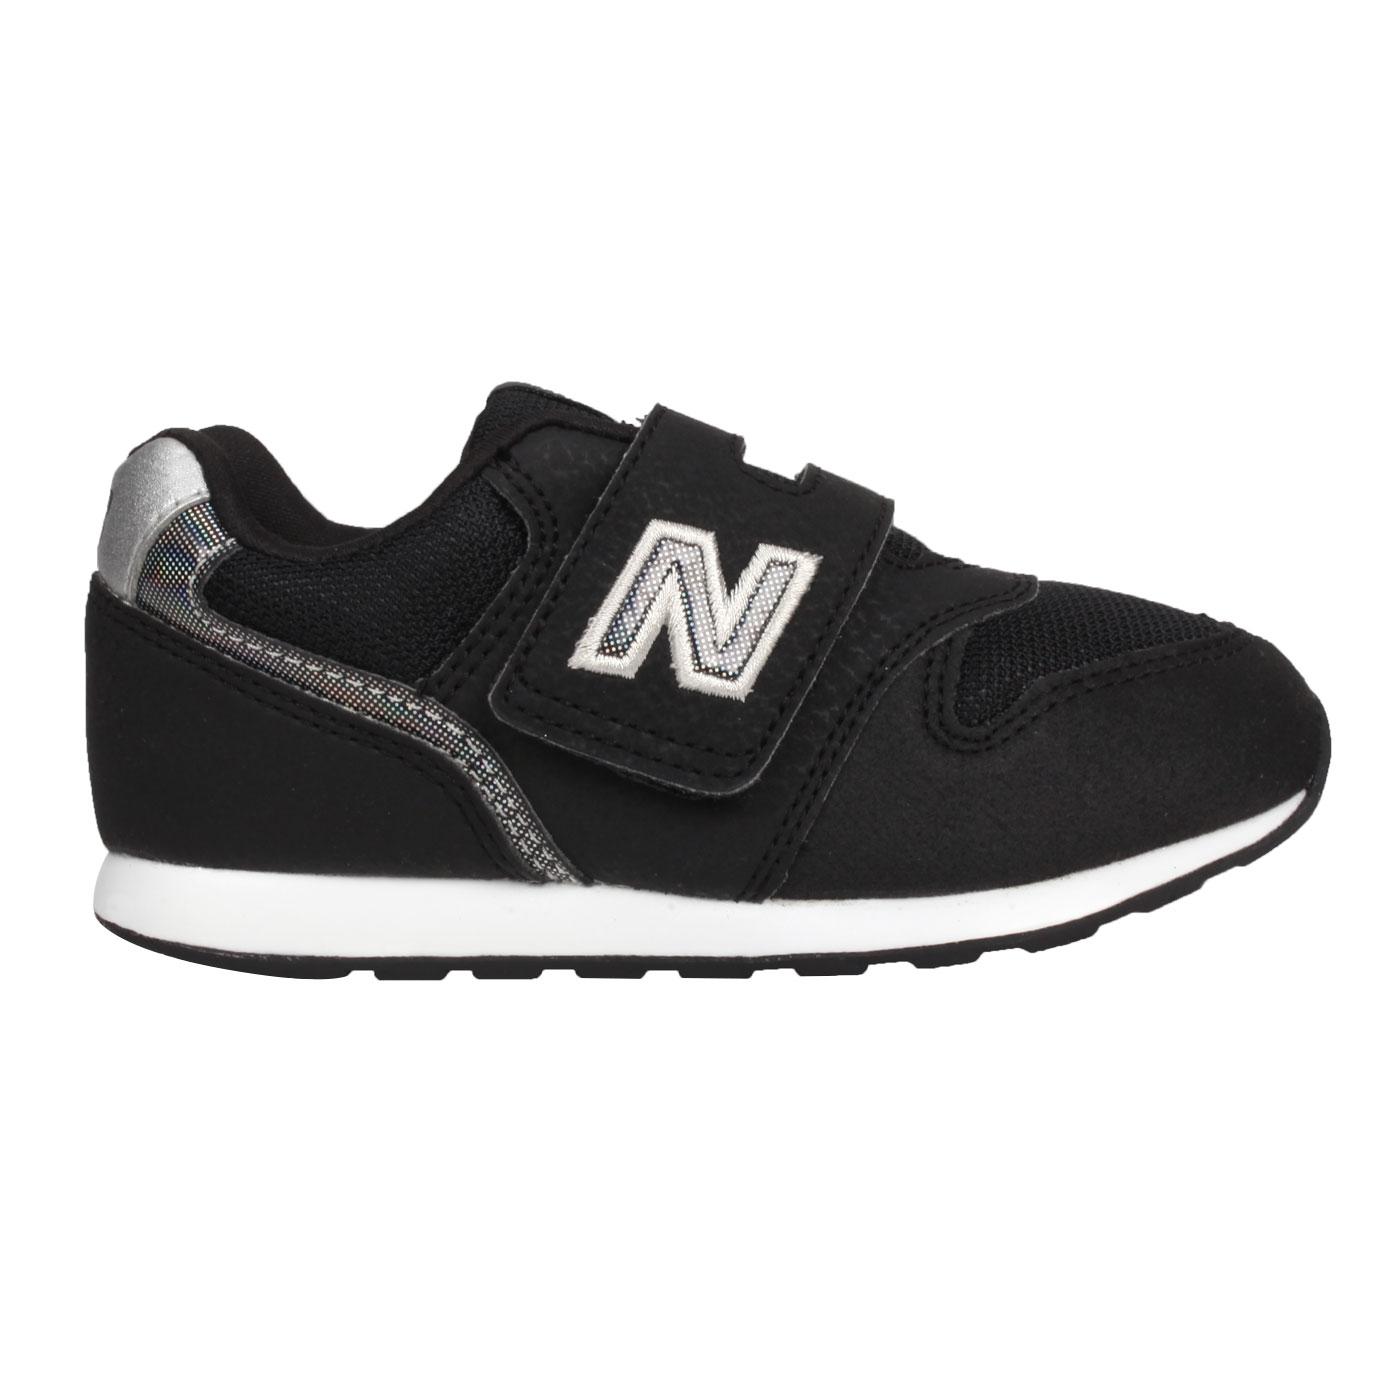 NEW BALANCE 小童運動休閒鞋-WIDE IZ996HBK